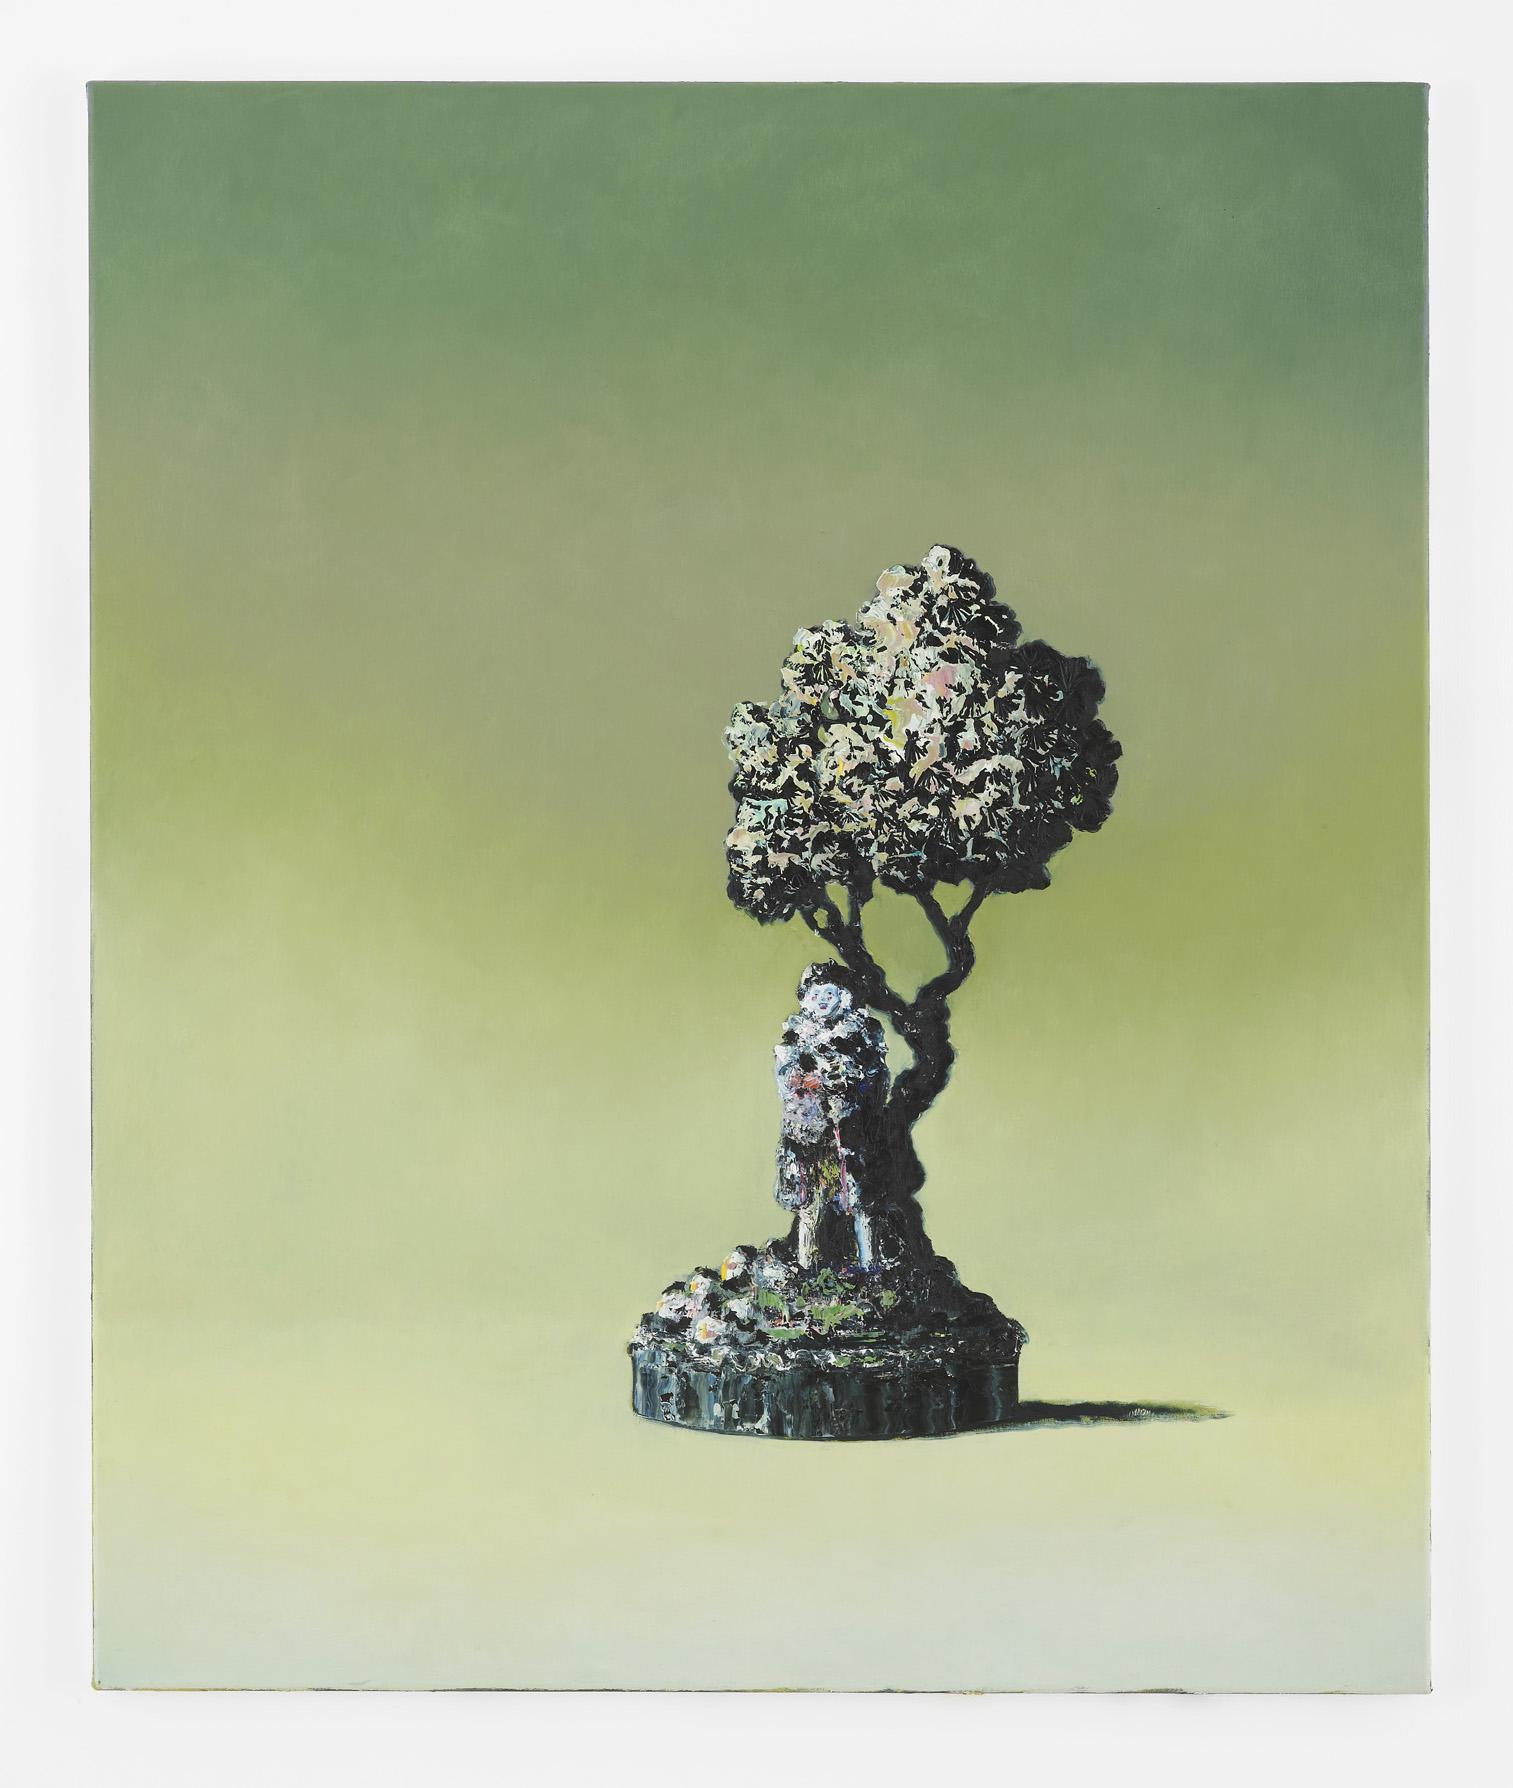 10 - Ivan Seal at Carl Freedman London